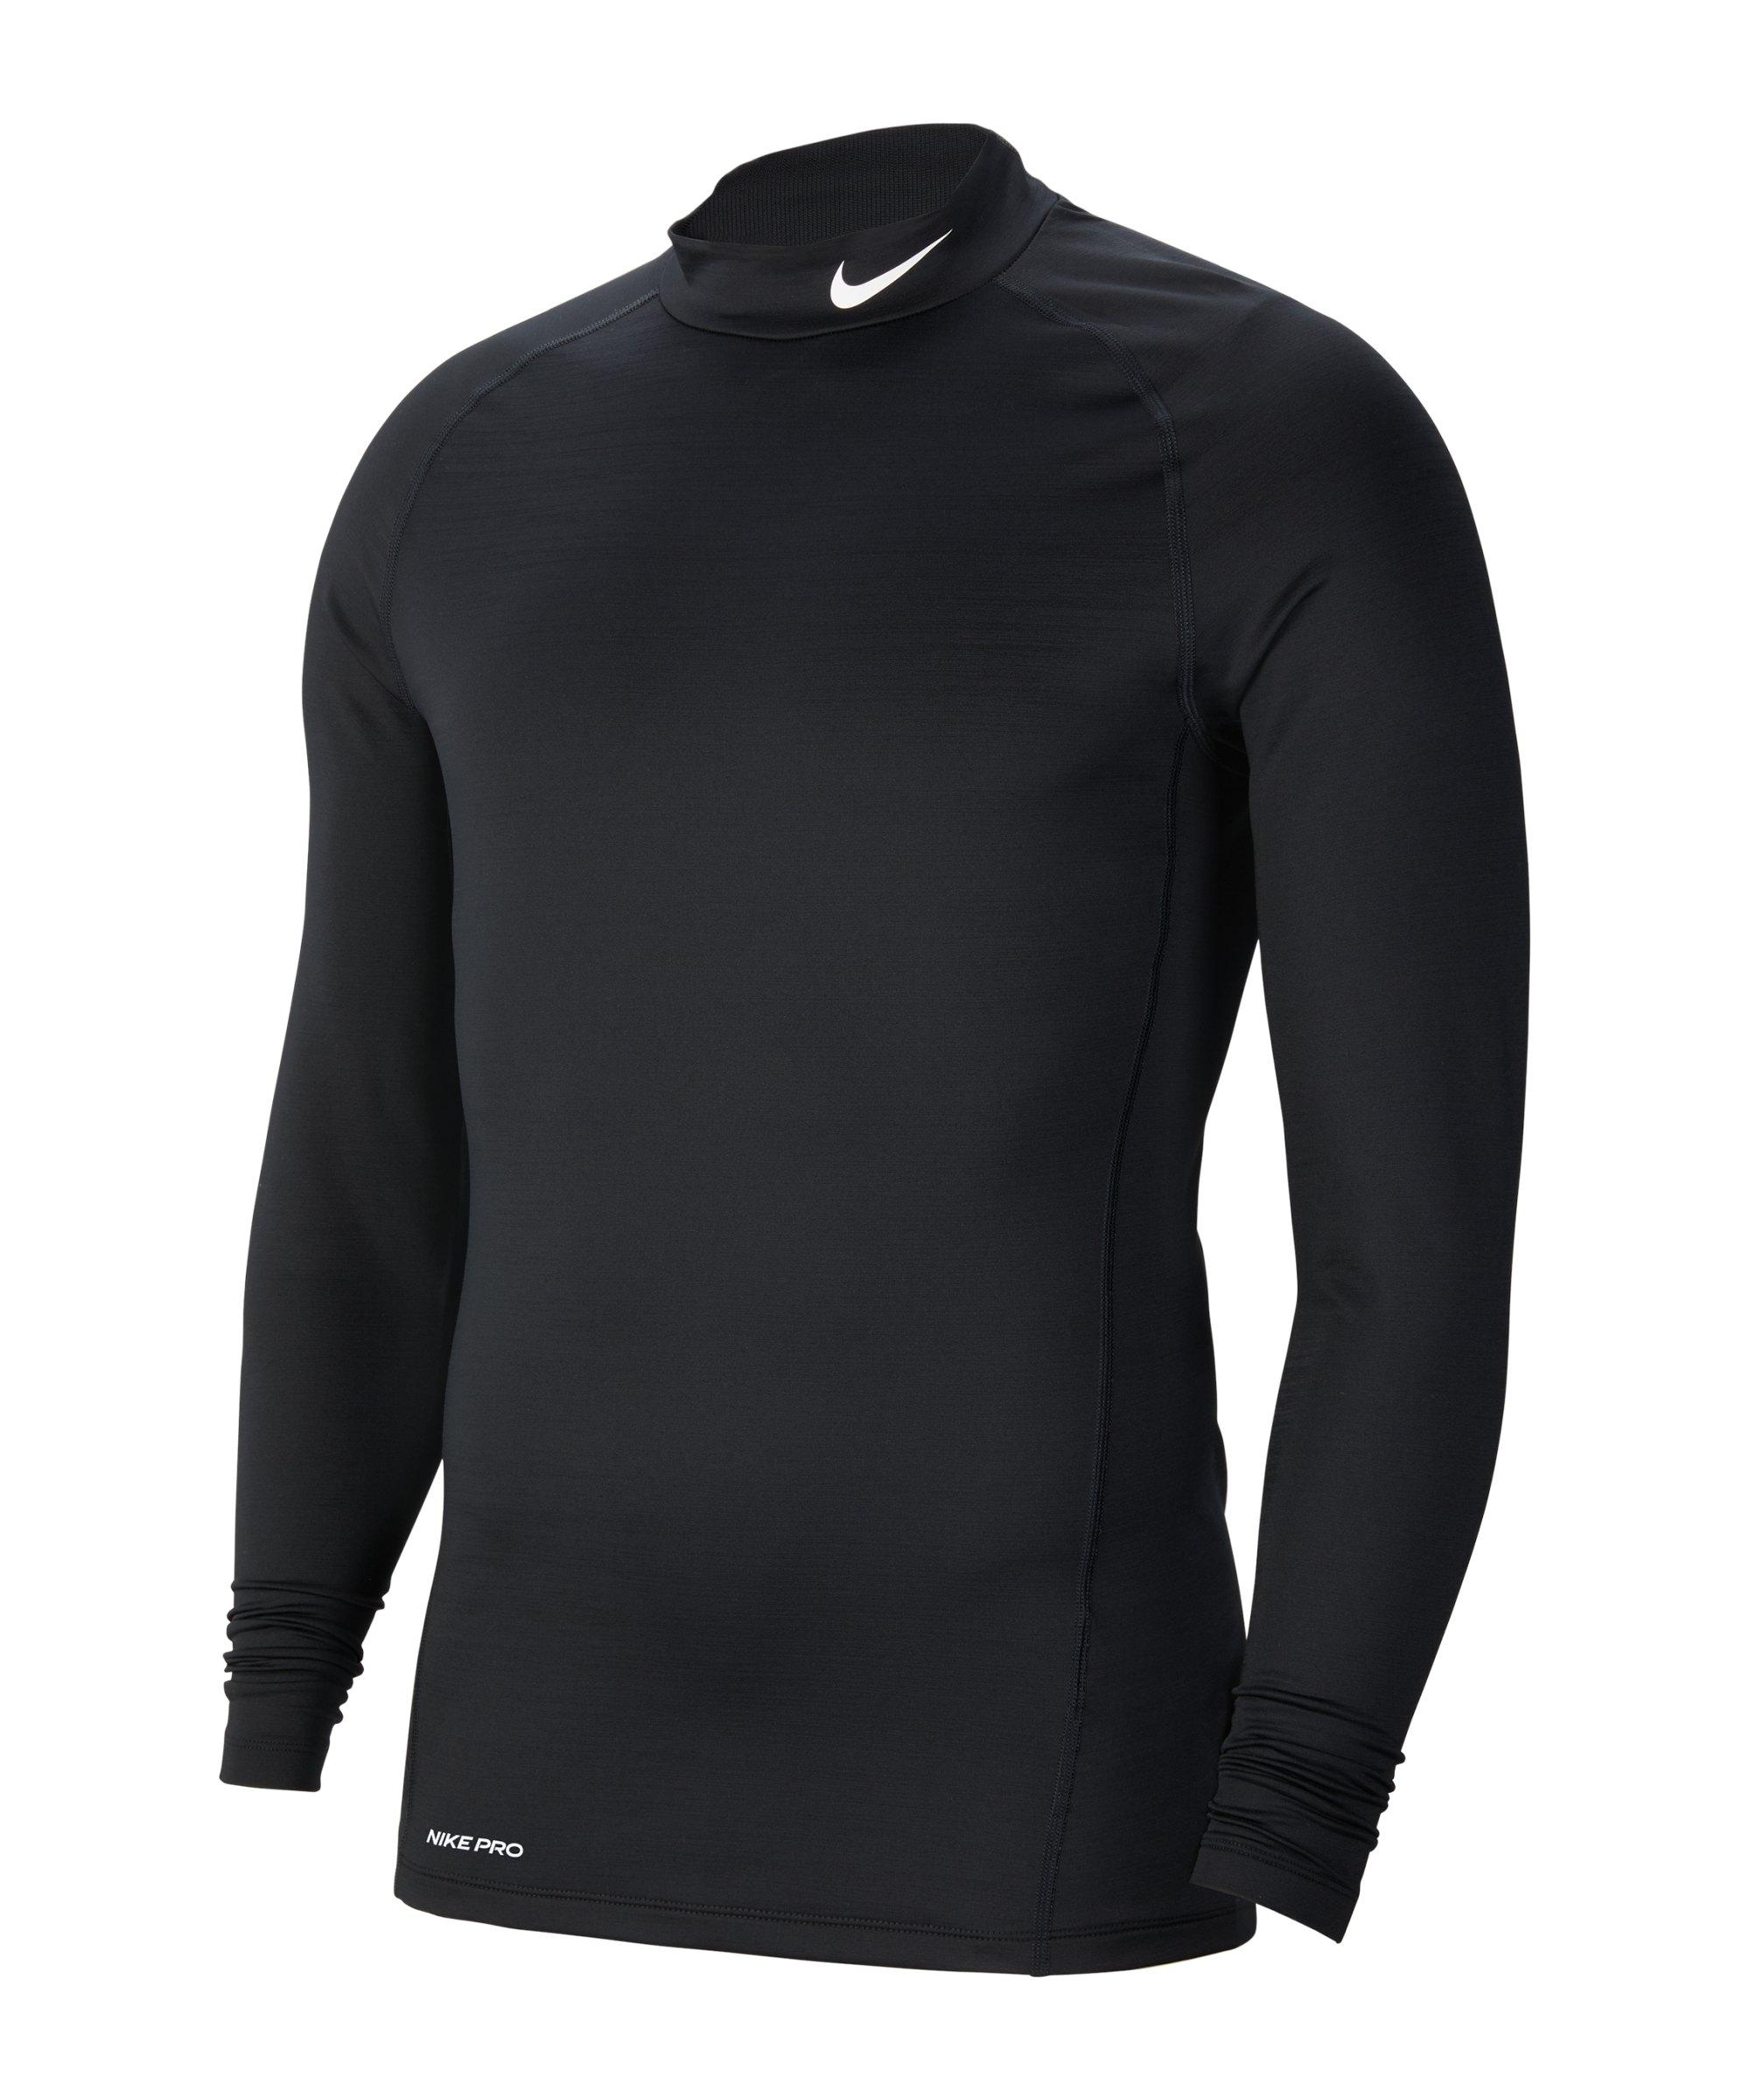 Nike Pro Warm Top Mock Schwarz F010 - schwarz